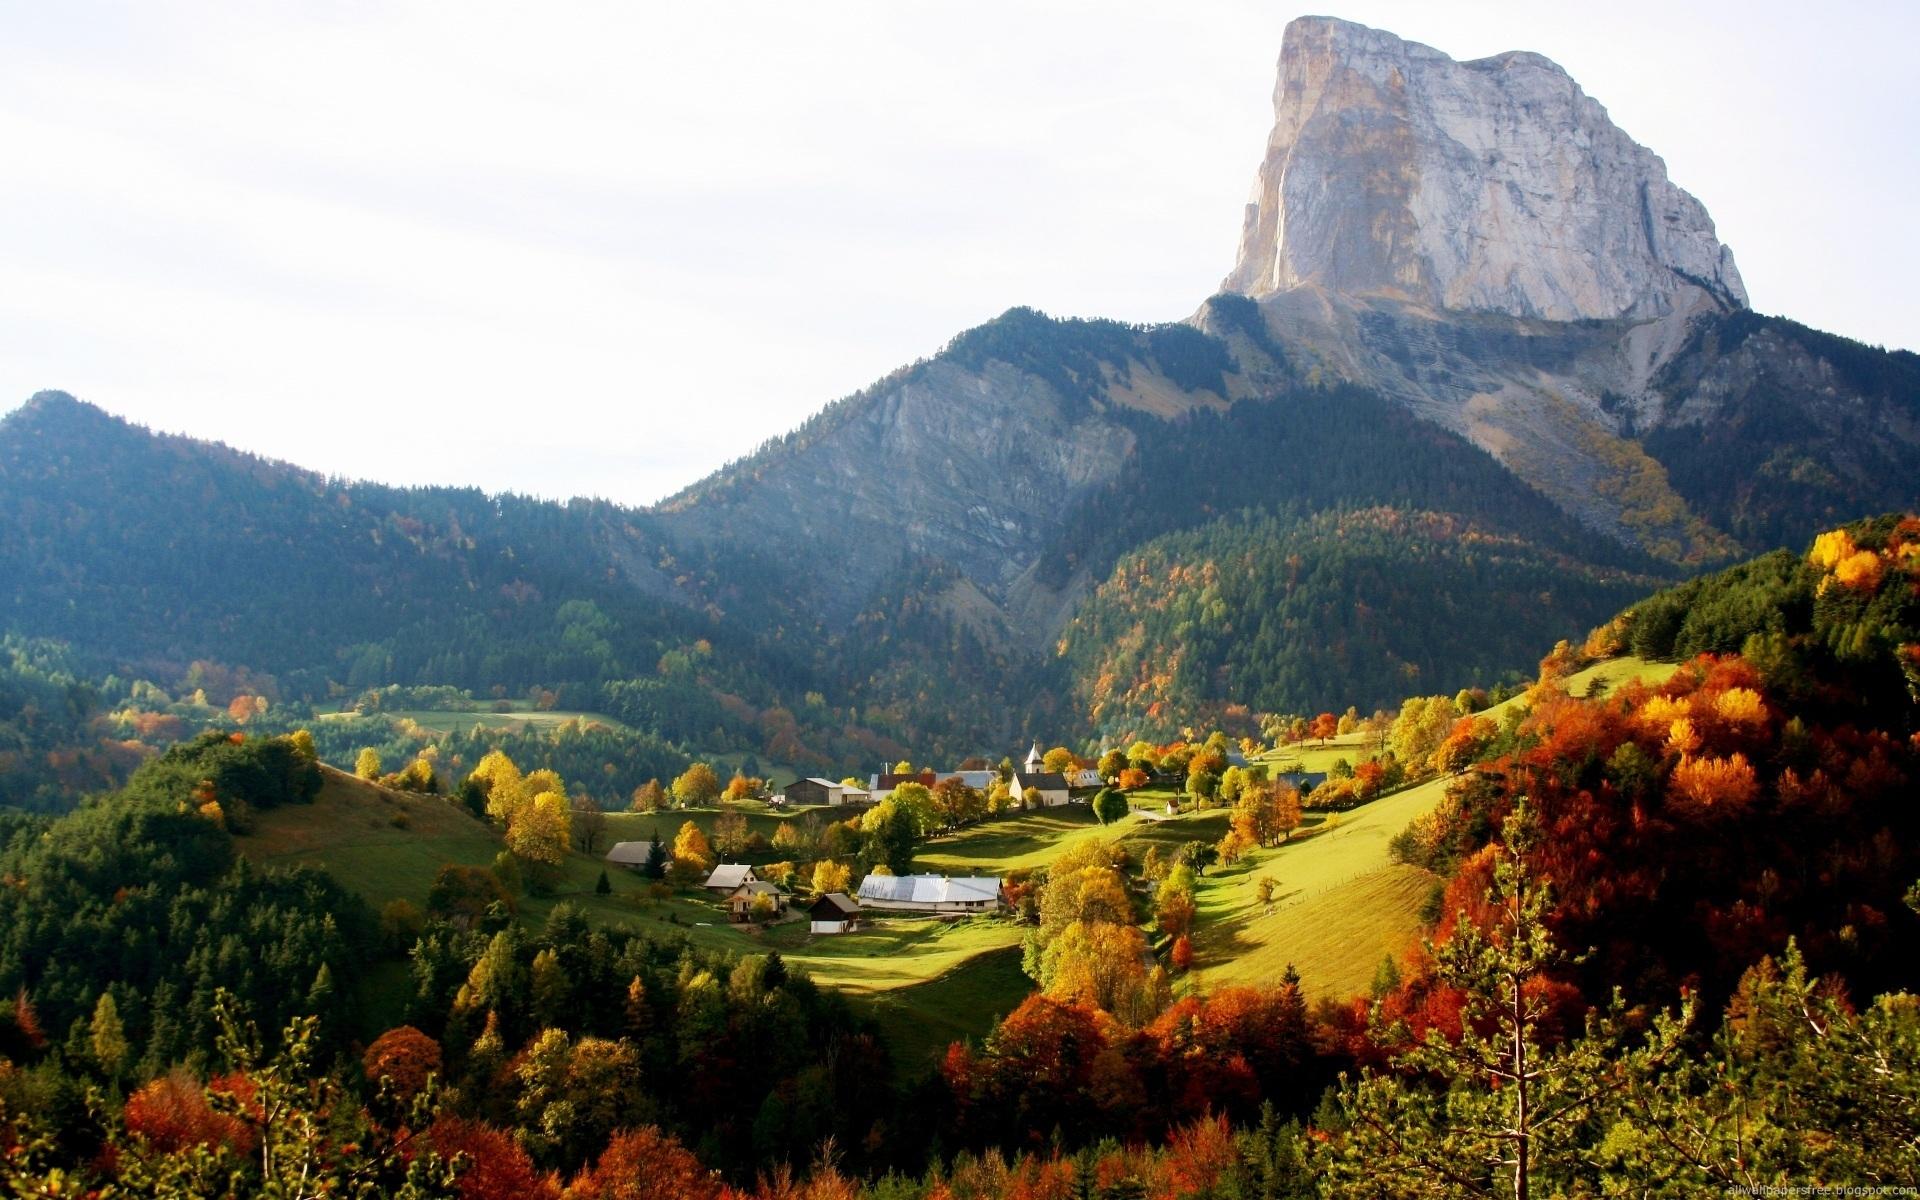 Beautiful Autumn Mountain Scene